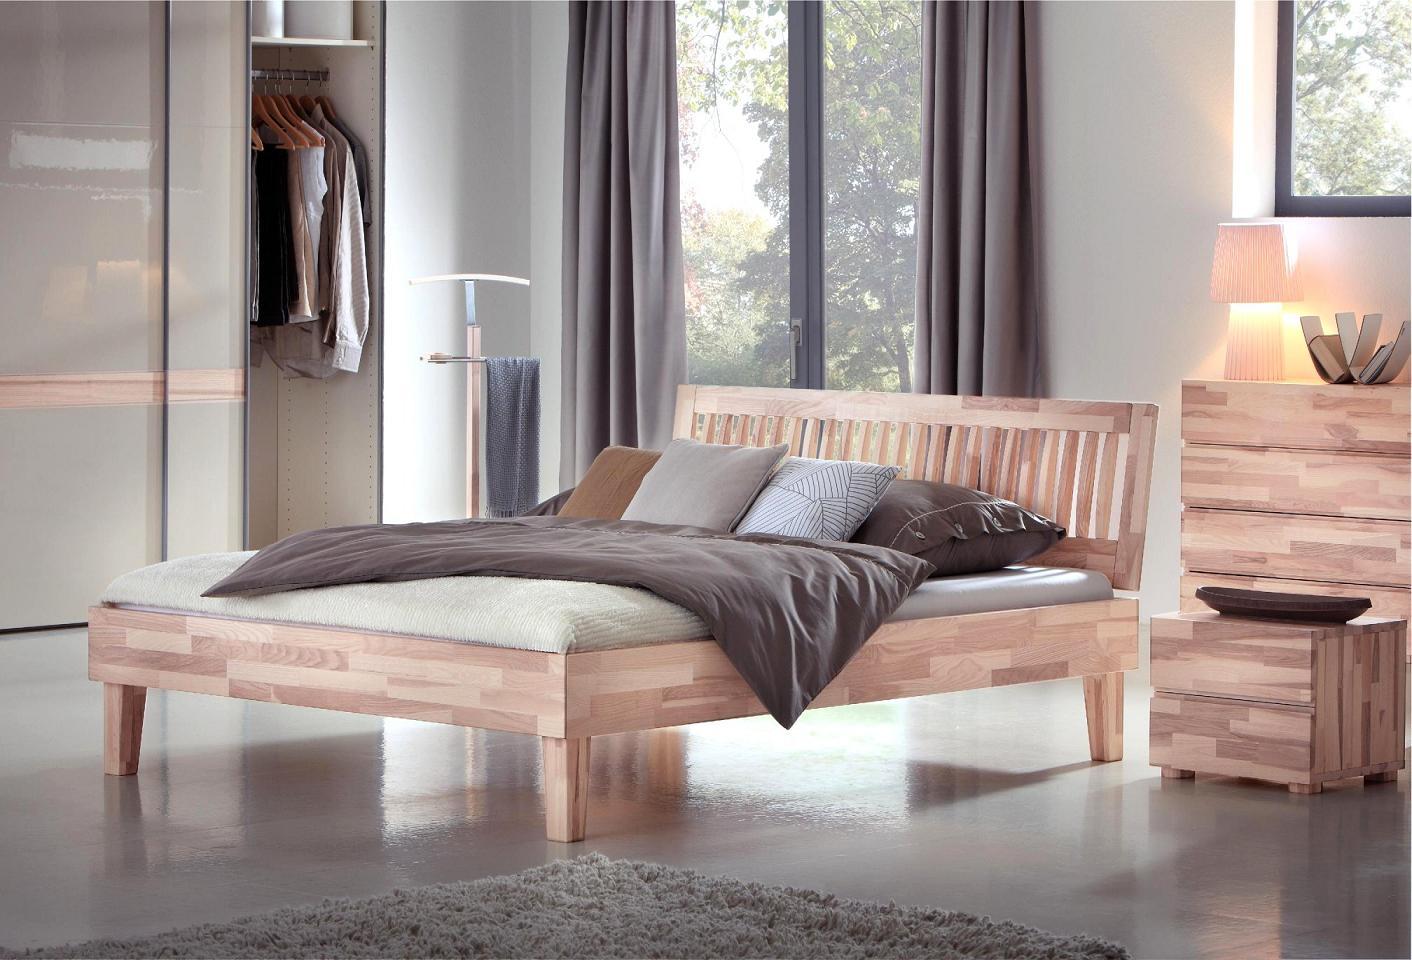 Massivholz kernesche g nstig kaufen m bel universum - Schlafzimmer massivholz hersteller ...